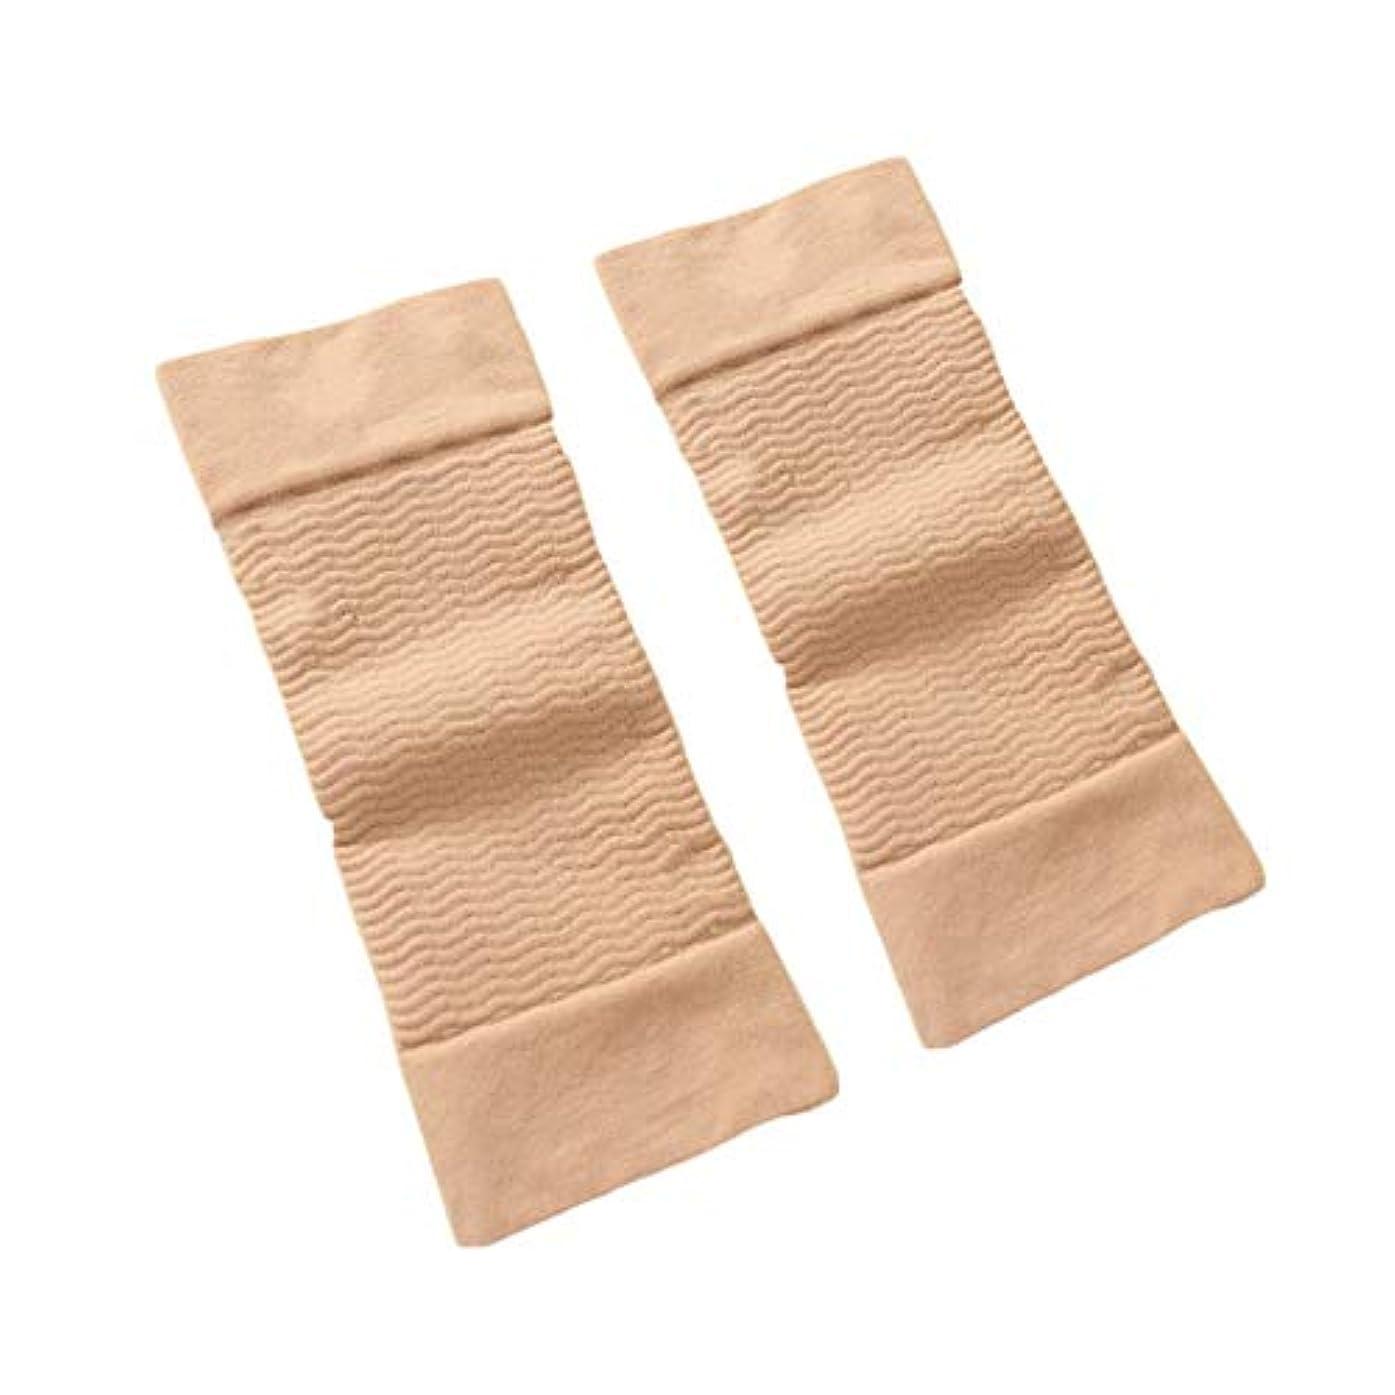 どっちでもメイトサンドイッチ1ペア420 D圧縮痩身アームスリーブワークアウトトーニングバーンセルライトシェイパー脂肪燃焼袖用女性 - 肌色